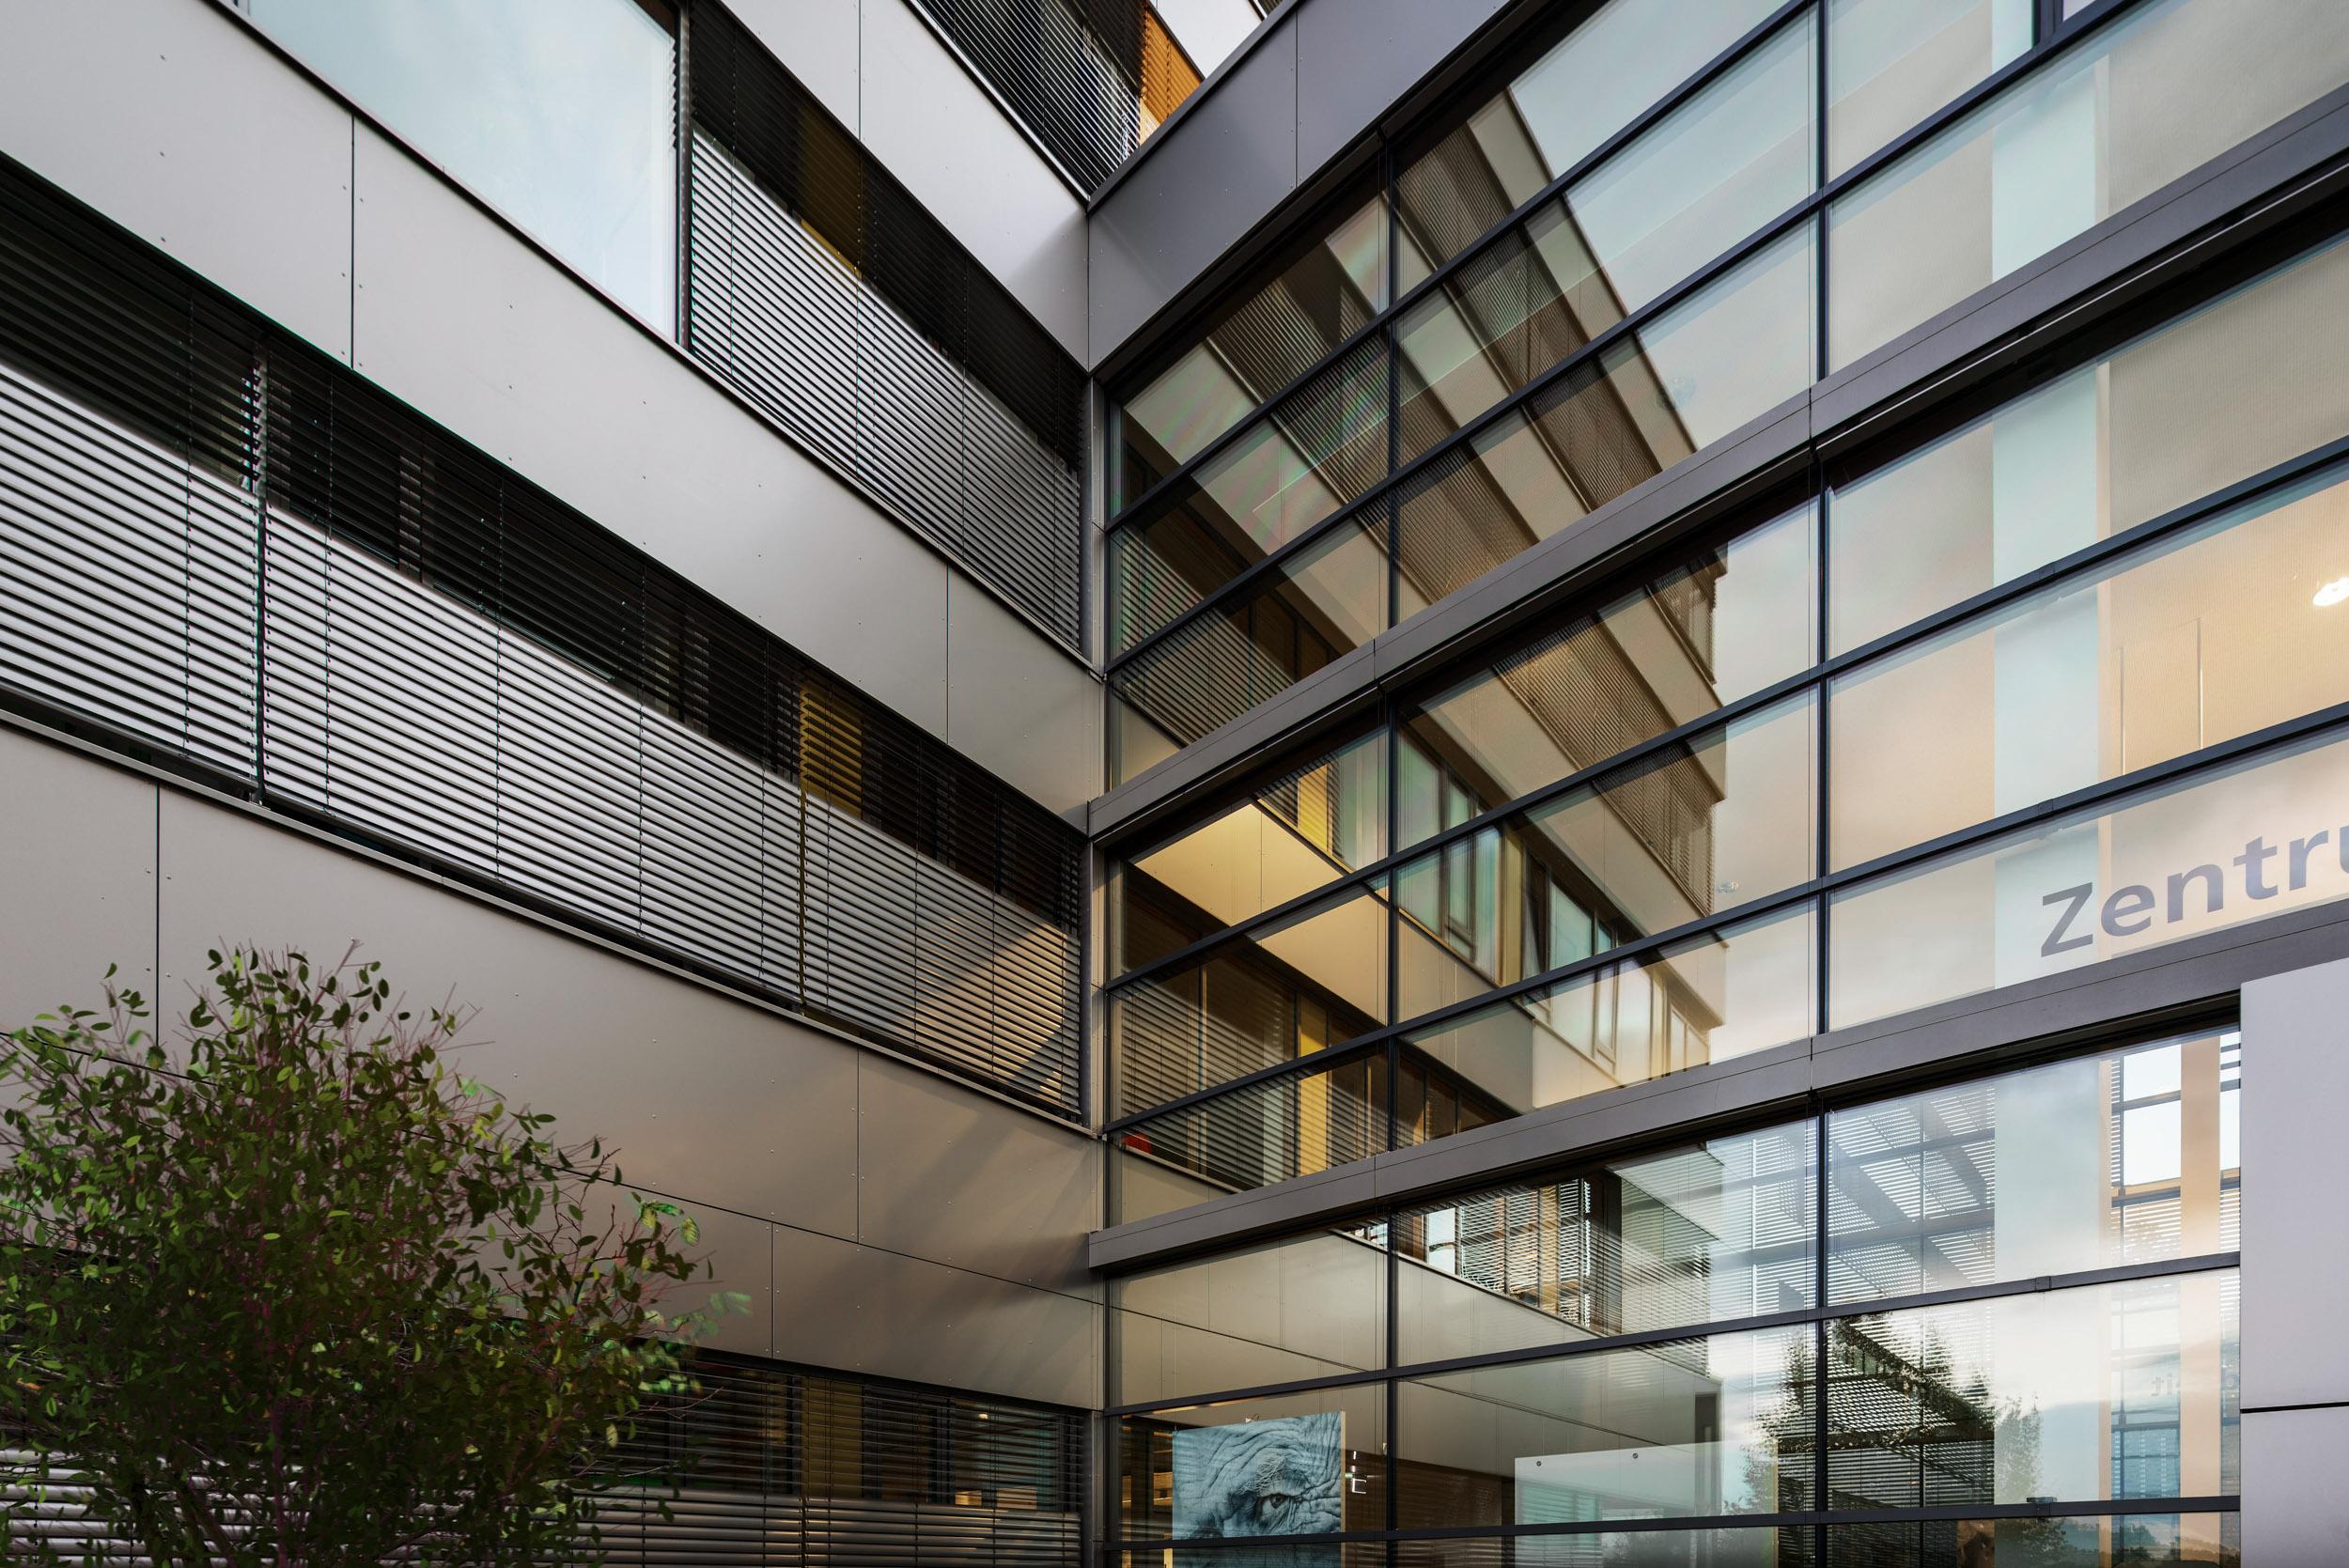 Gustav-Epple-Bauunternehmung-Zentrum-für-Seelische-Gesundheit_MLX8005